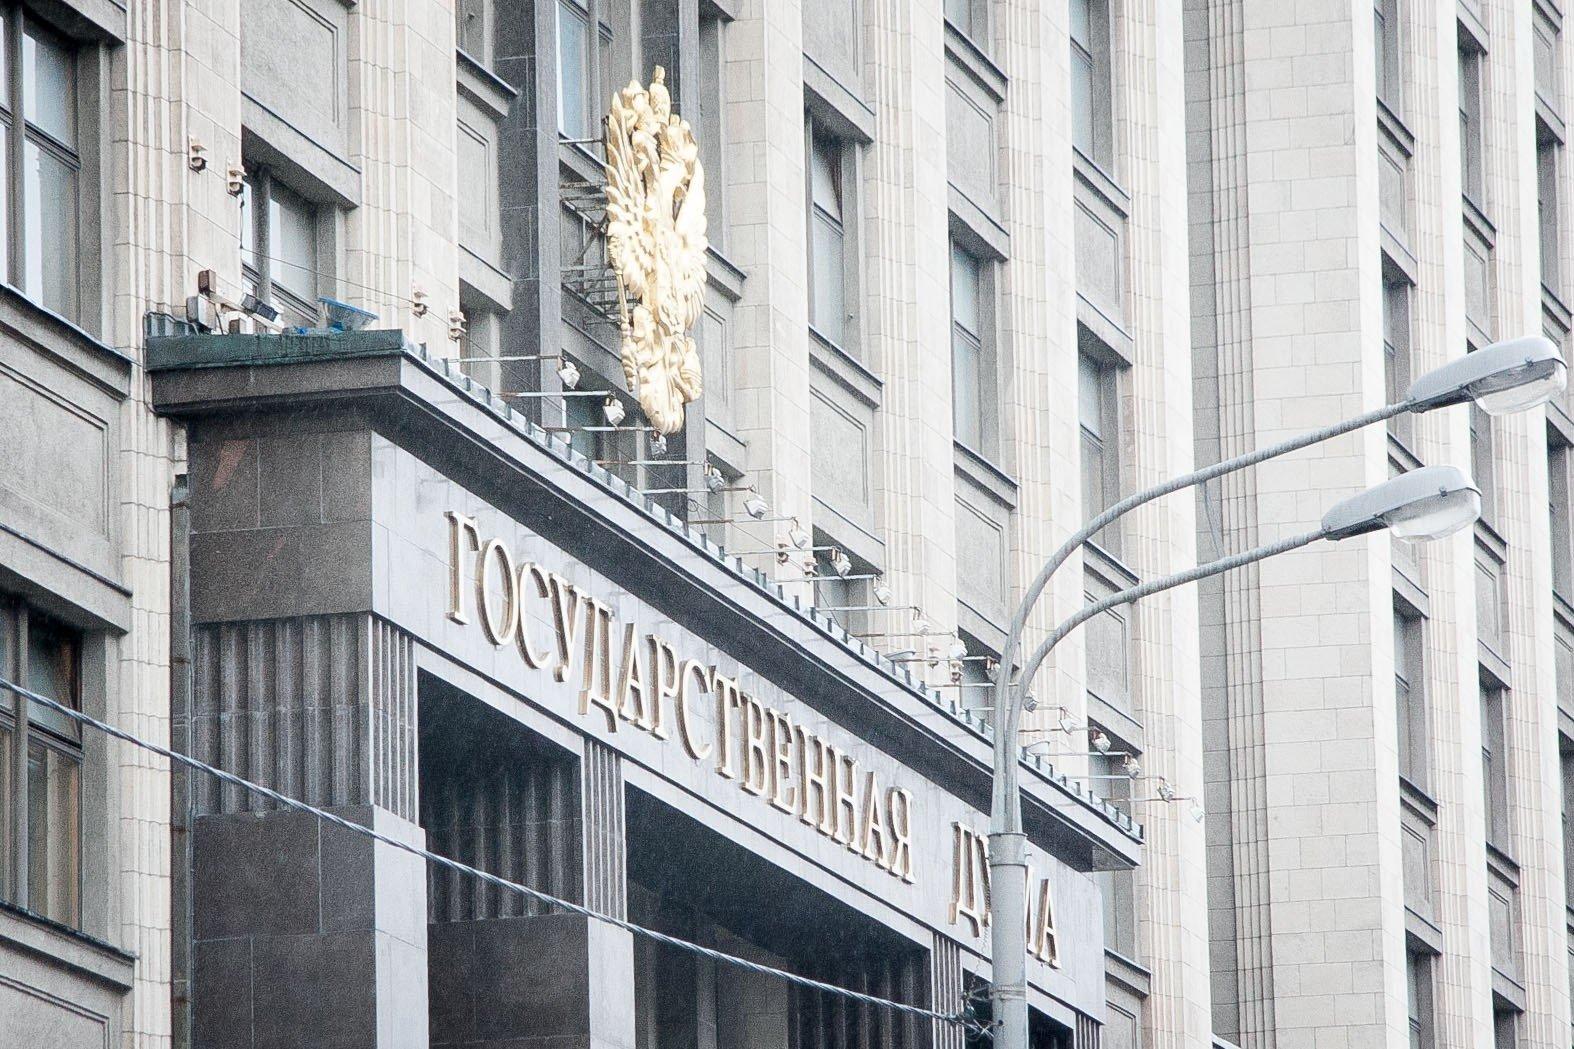 Государственной думе предложат ввести лотерею для получения вида нажительство в РФ